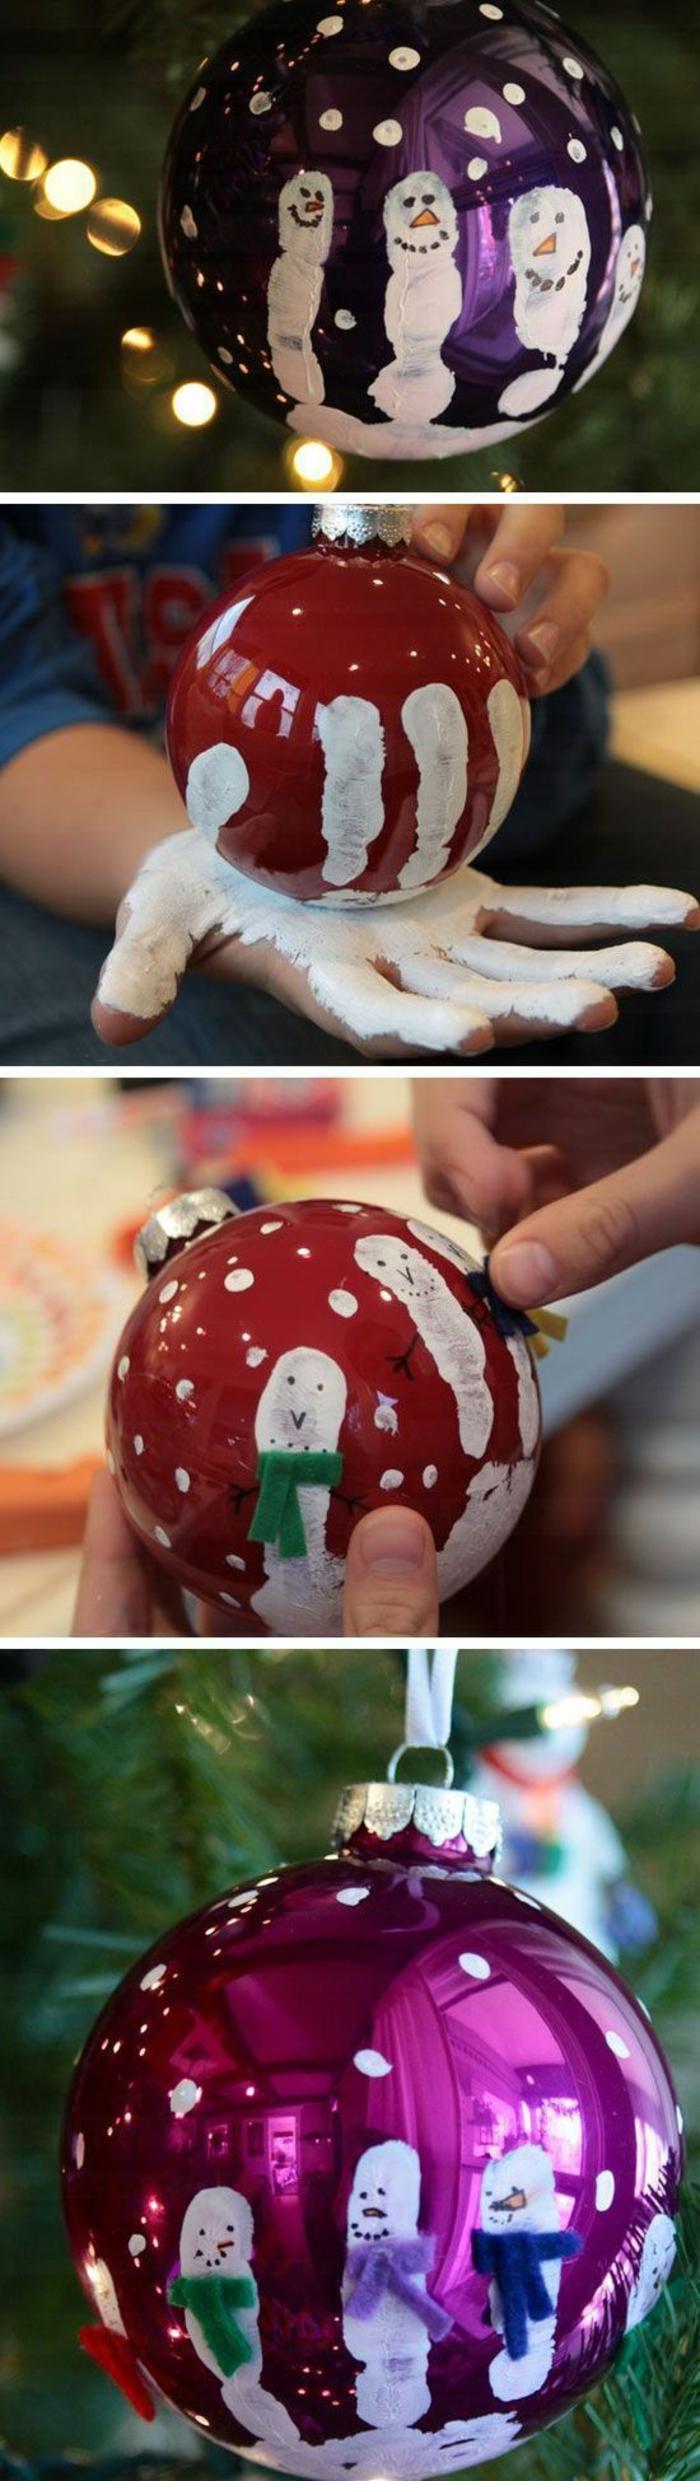 décoration de noel à fabriquer pour adultes, boules rouges et fuchsia, décorées avec une main peinte en blanc, chacun des doigts est un bonhomme de neige, neige dessinée